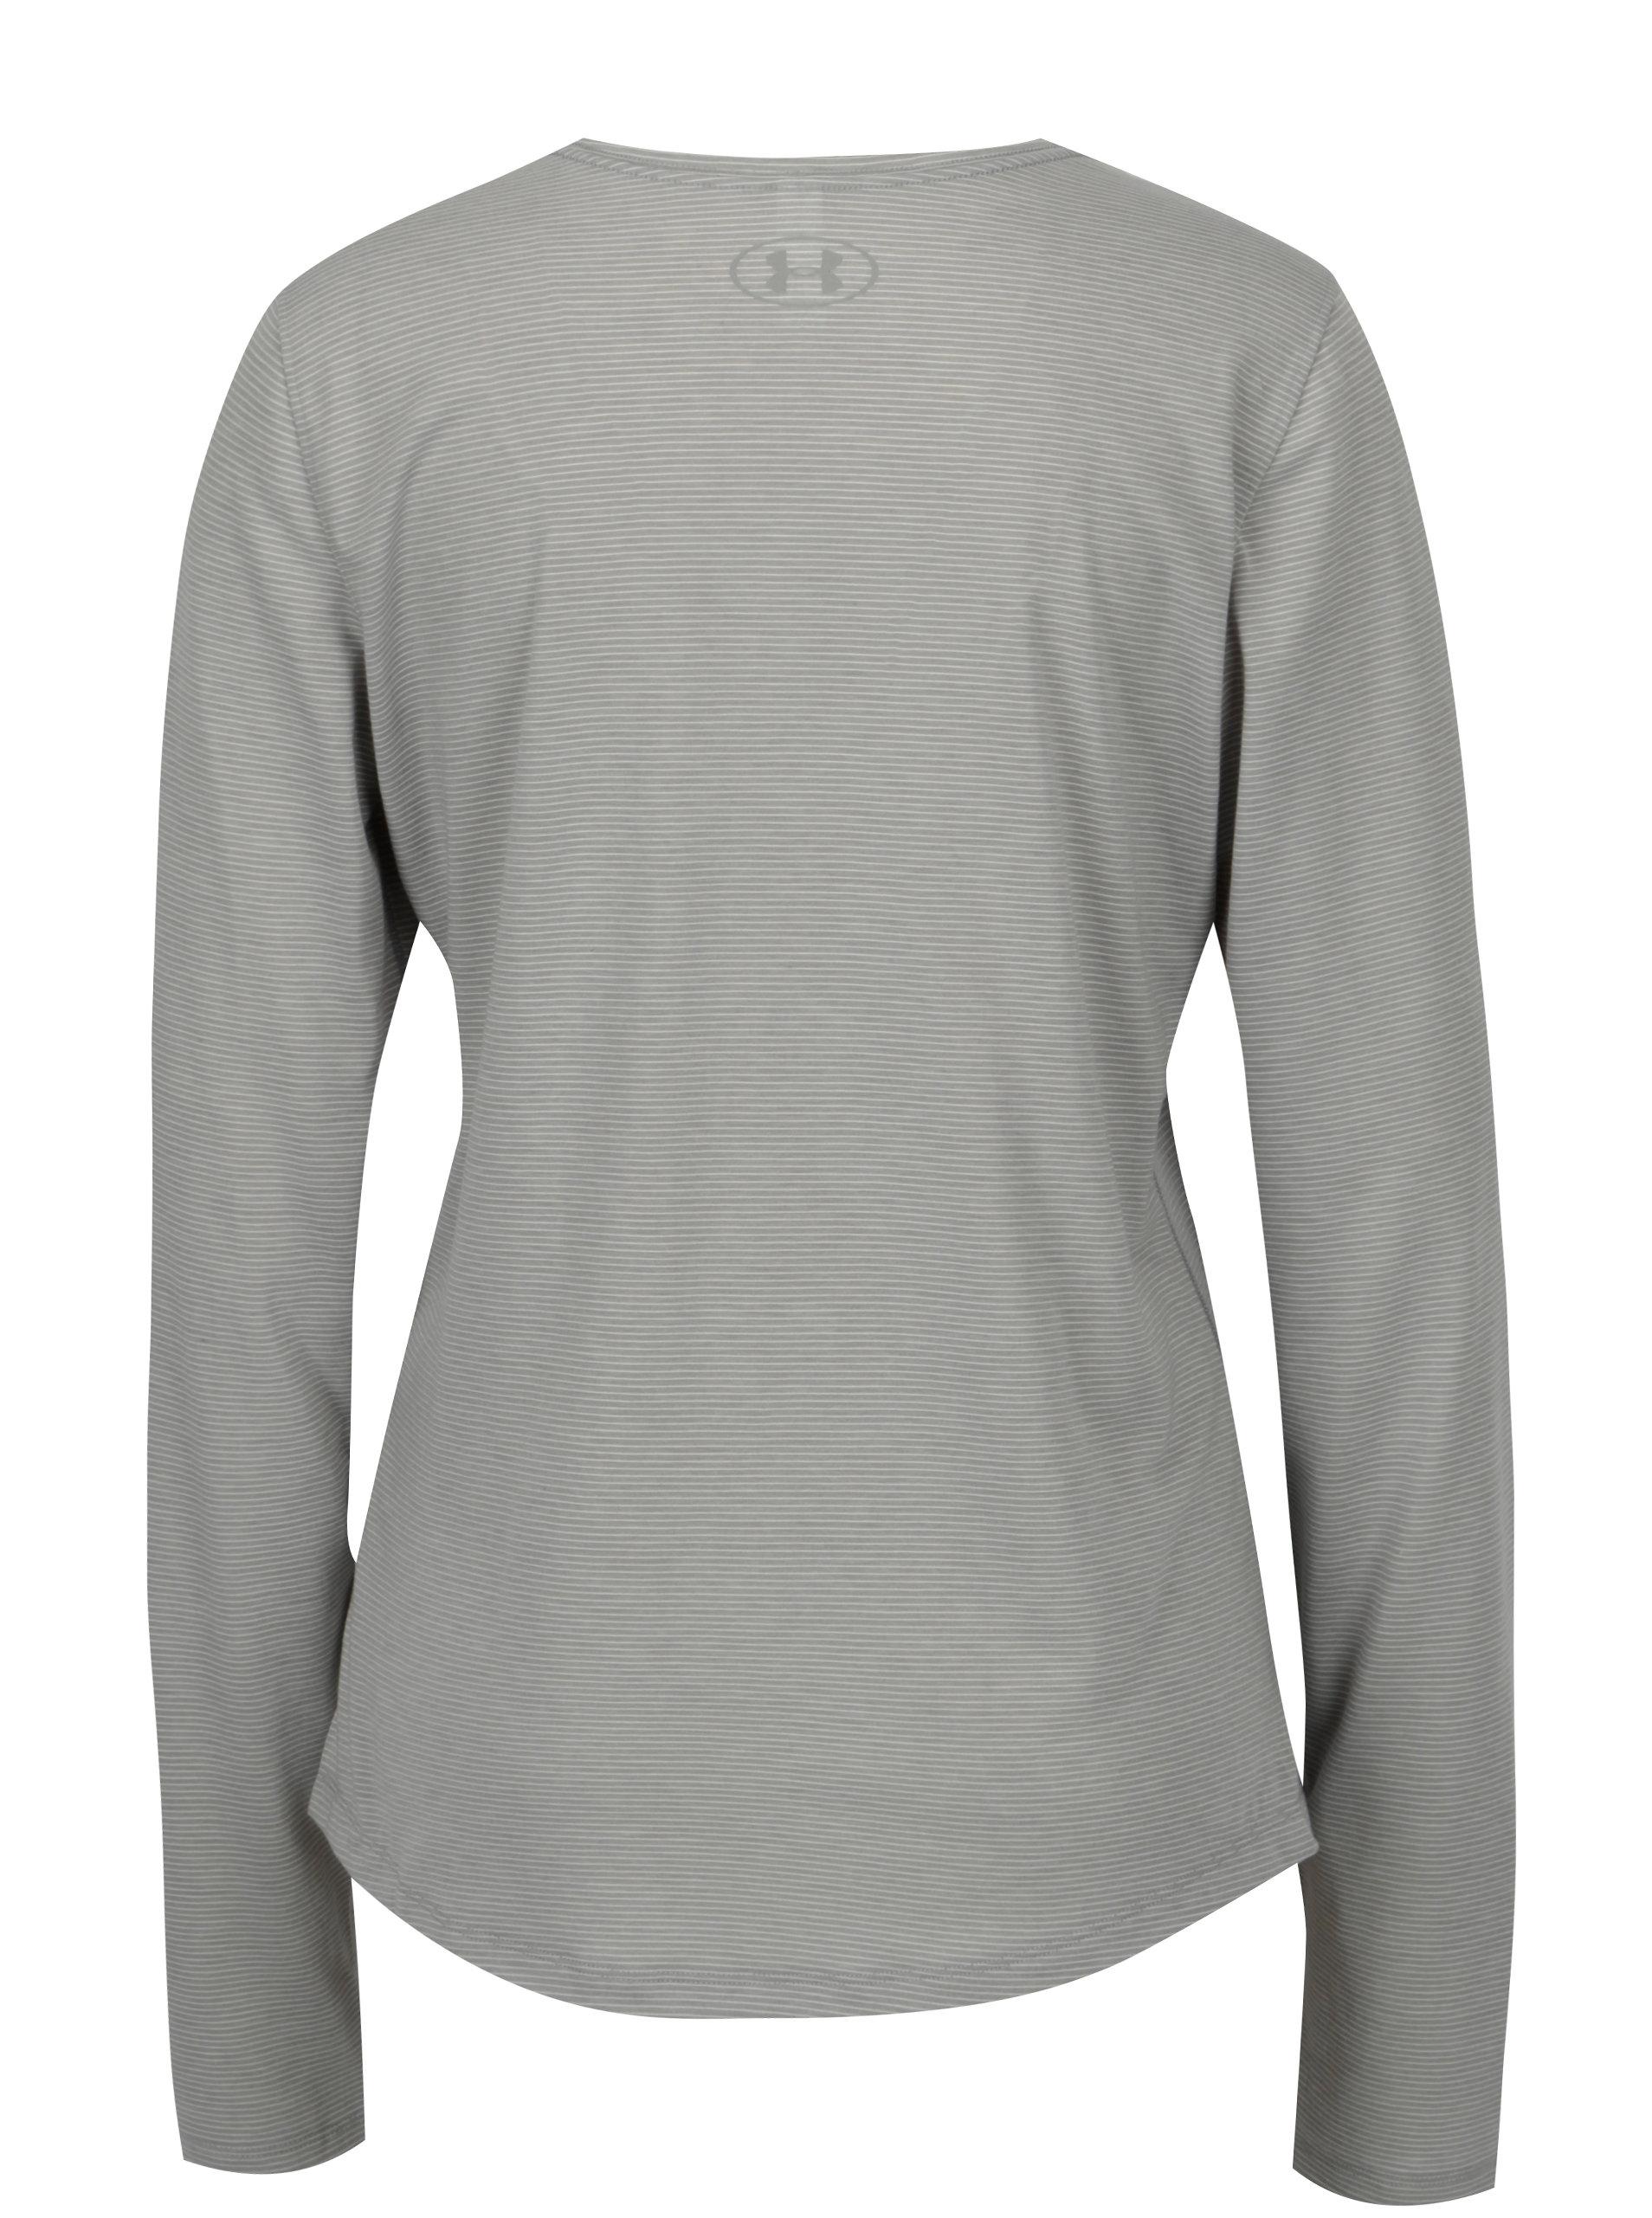 Sivé dámske pruhované funkčné tričko Under Armour Streaker ... 8beea46bca0